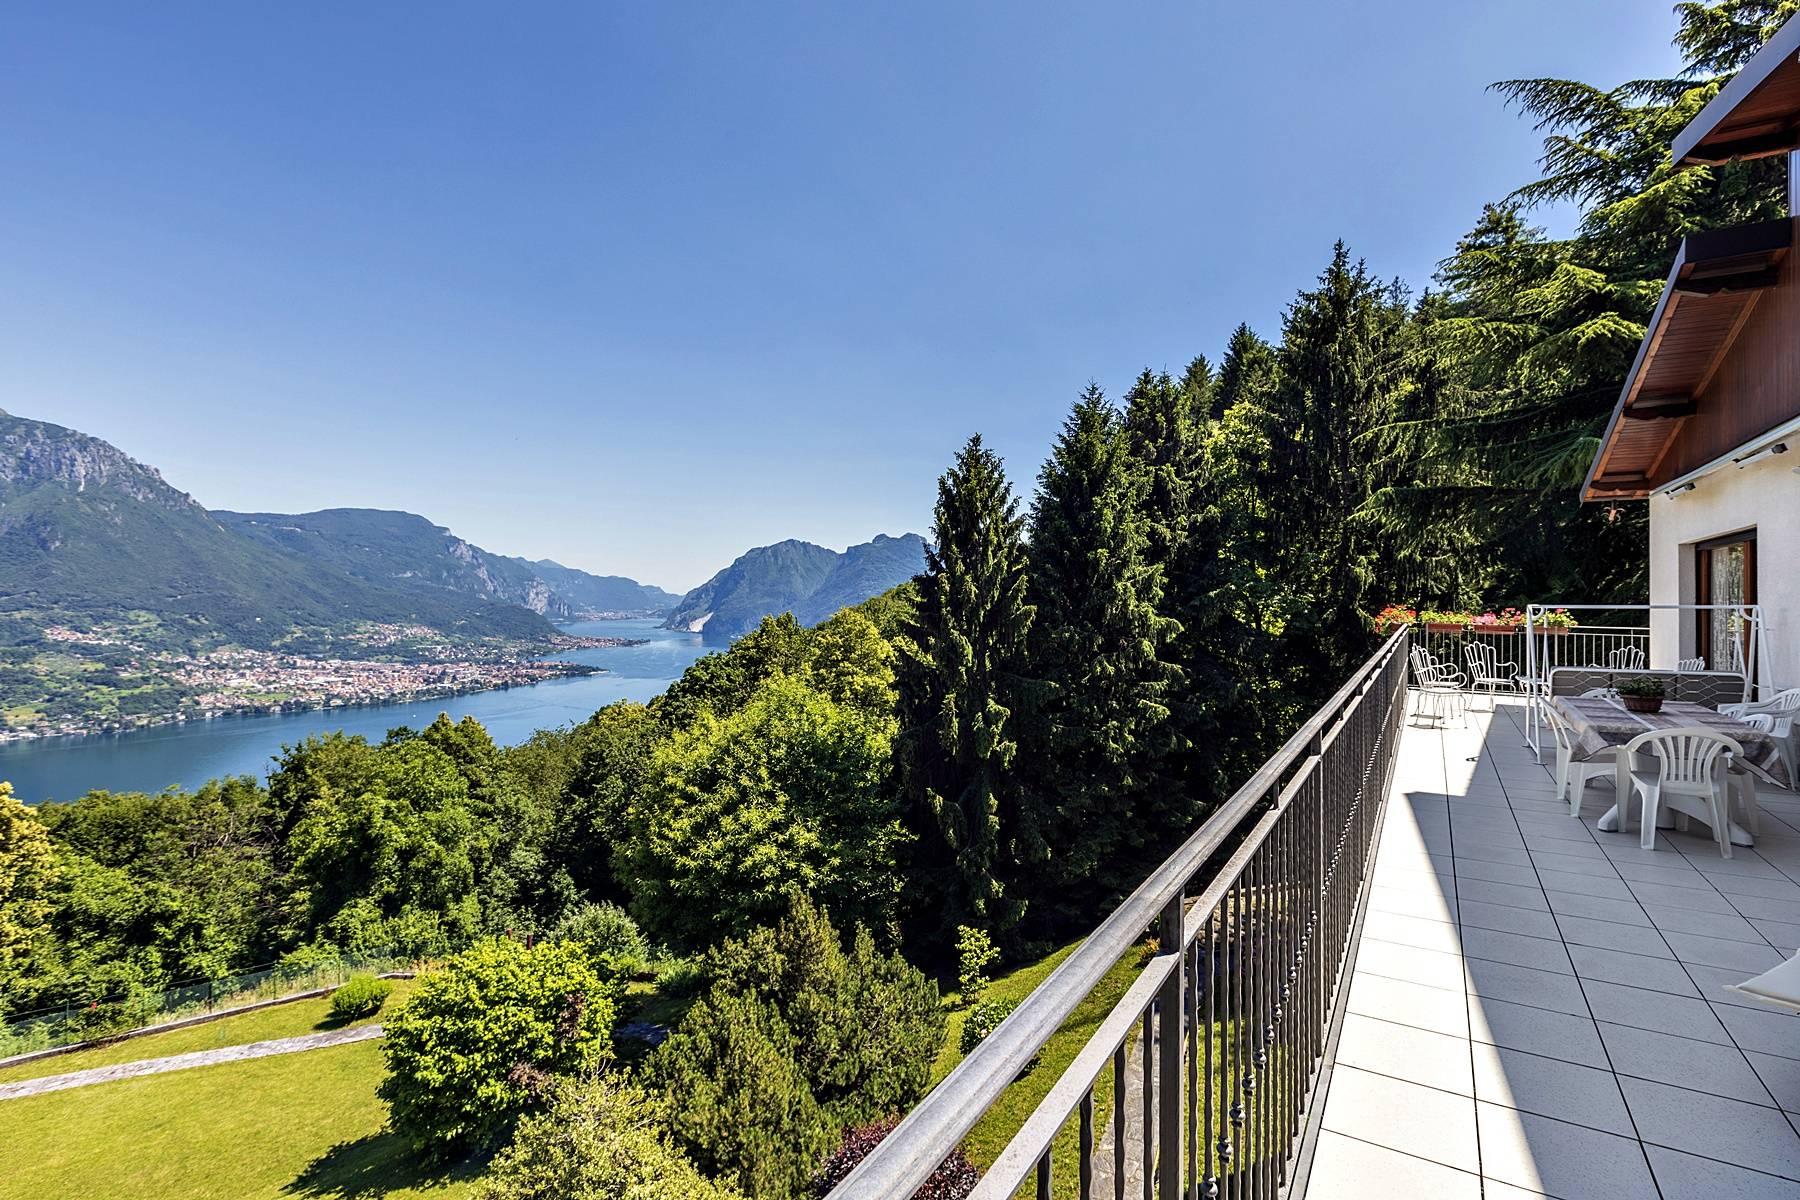 Villa in Vendita a Civenna: 5 locali, 278 mq - Foto 3